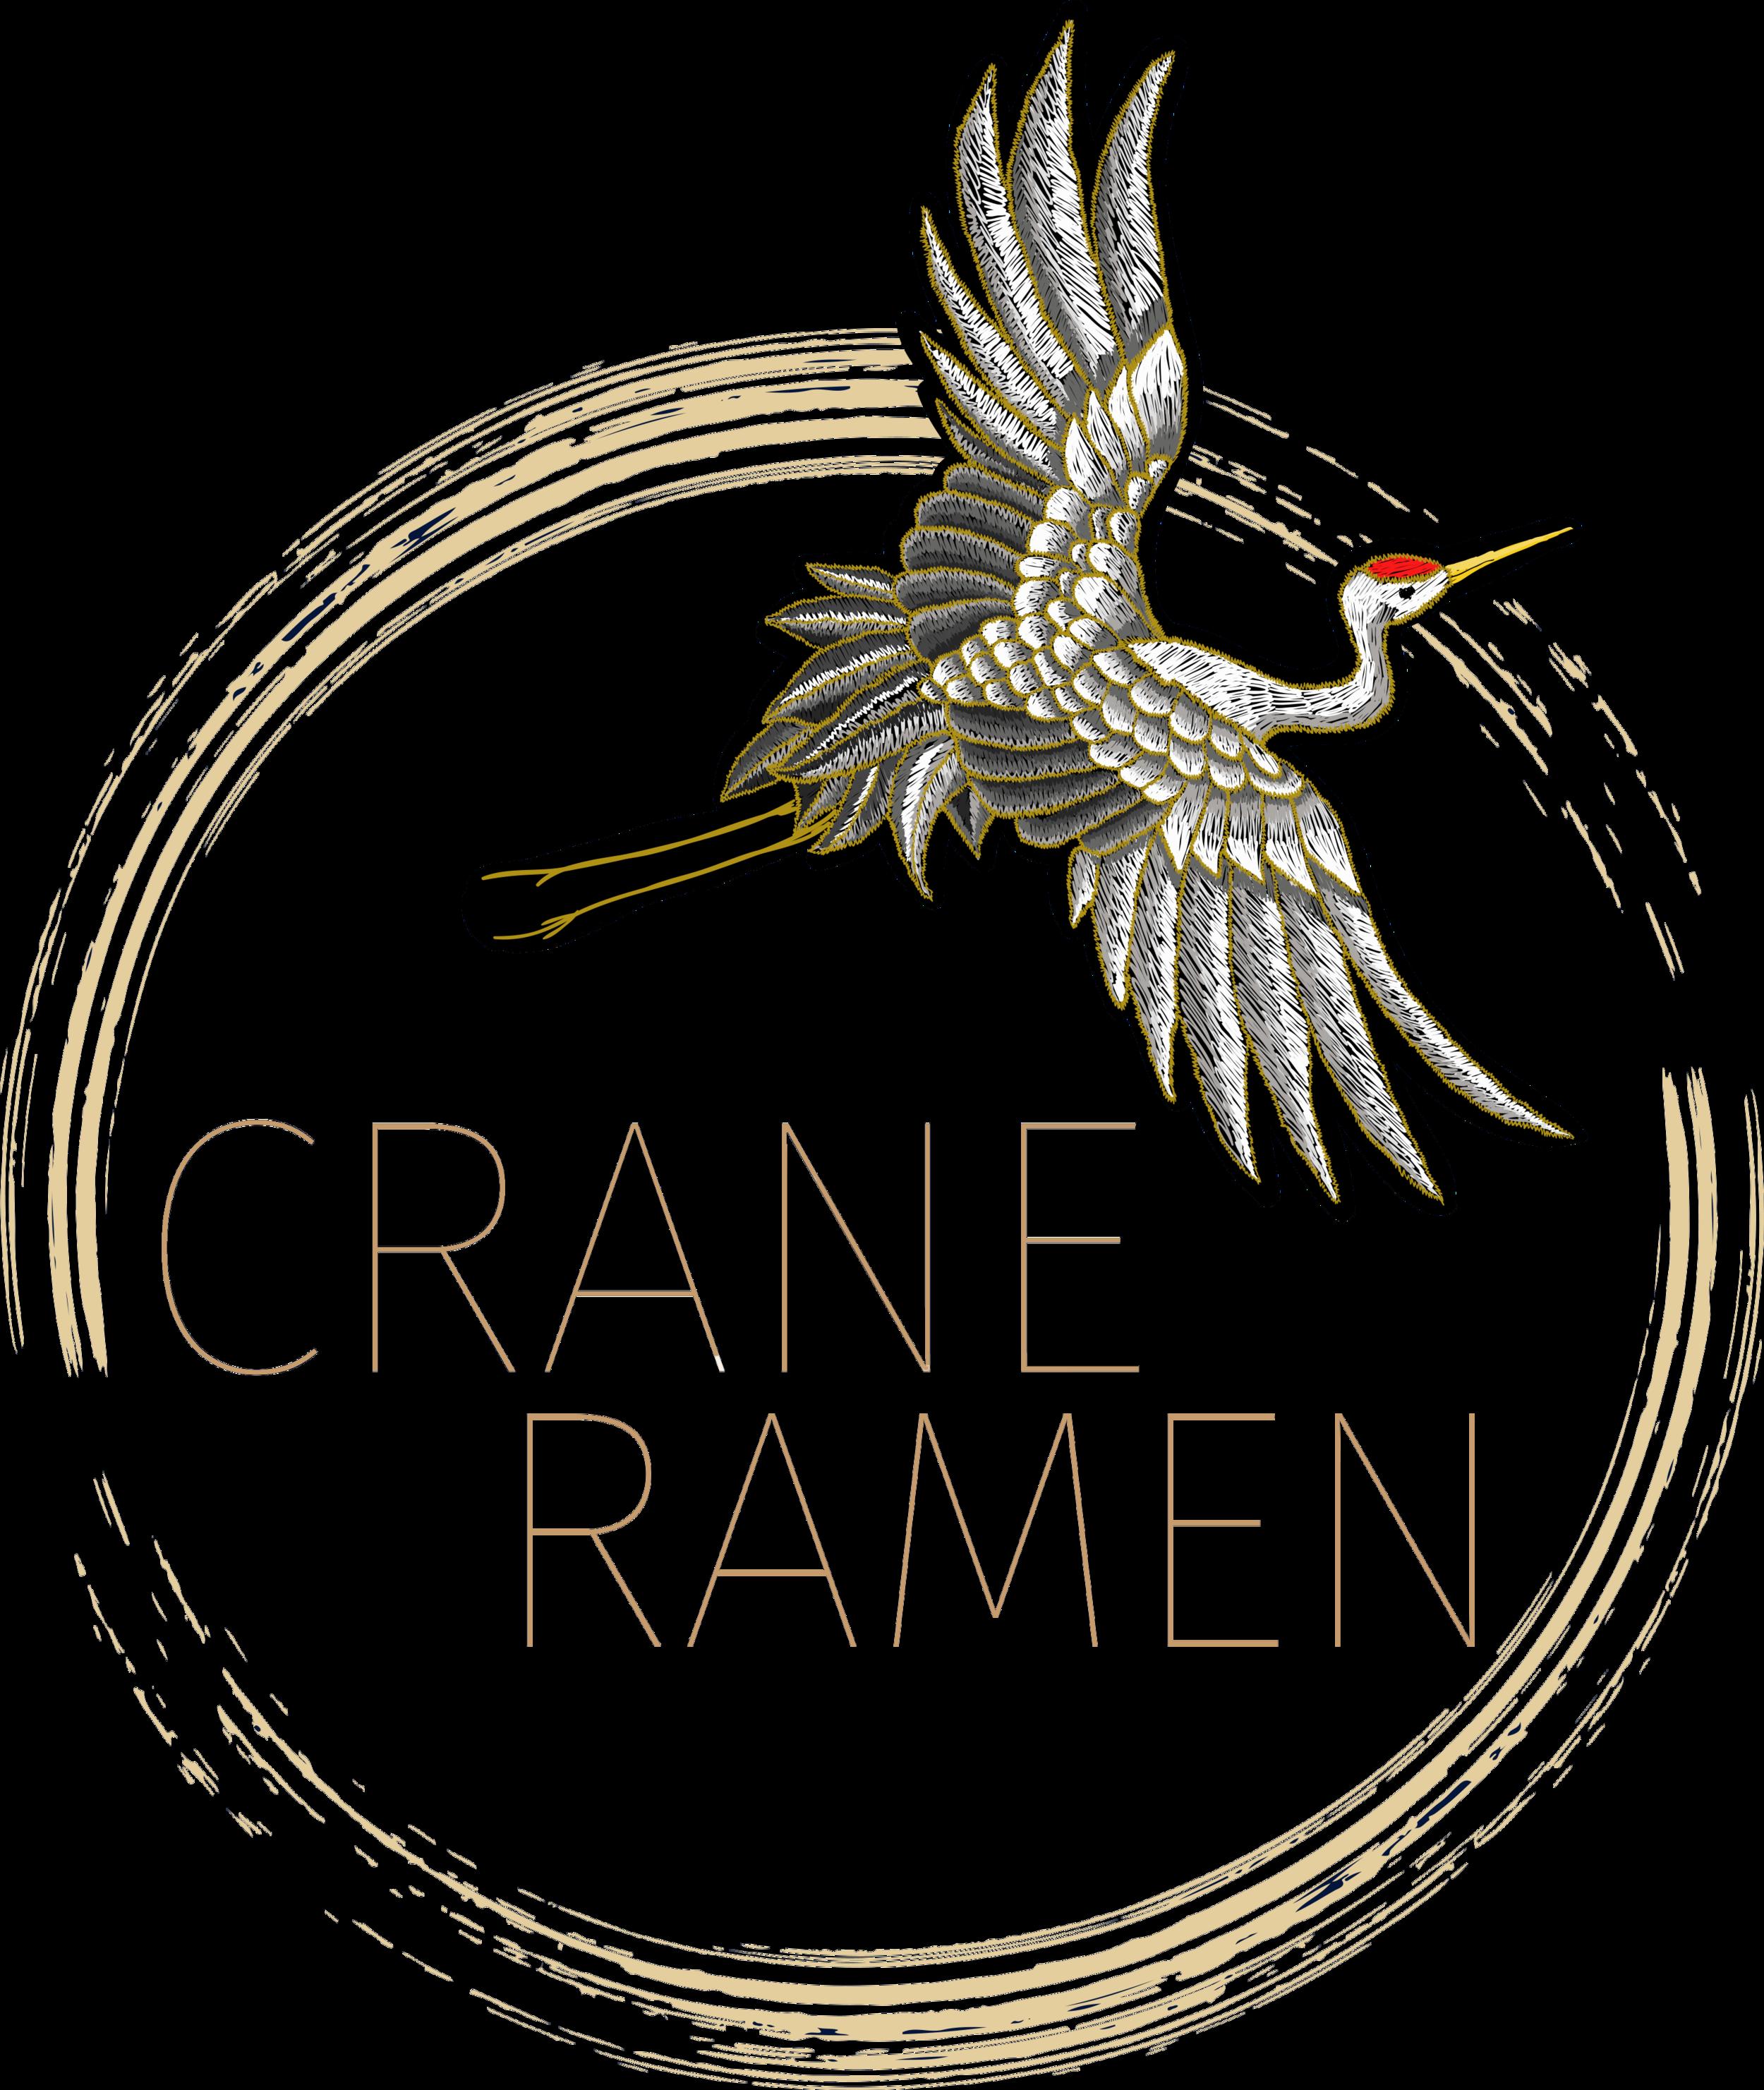 crane 2 2.png